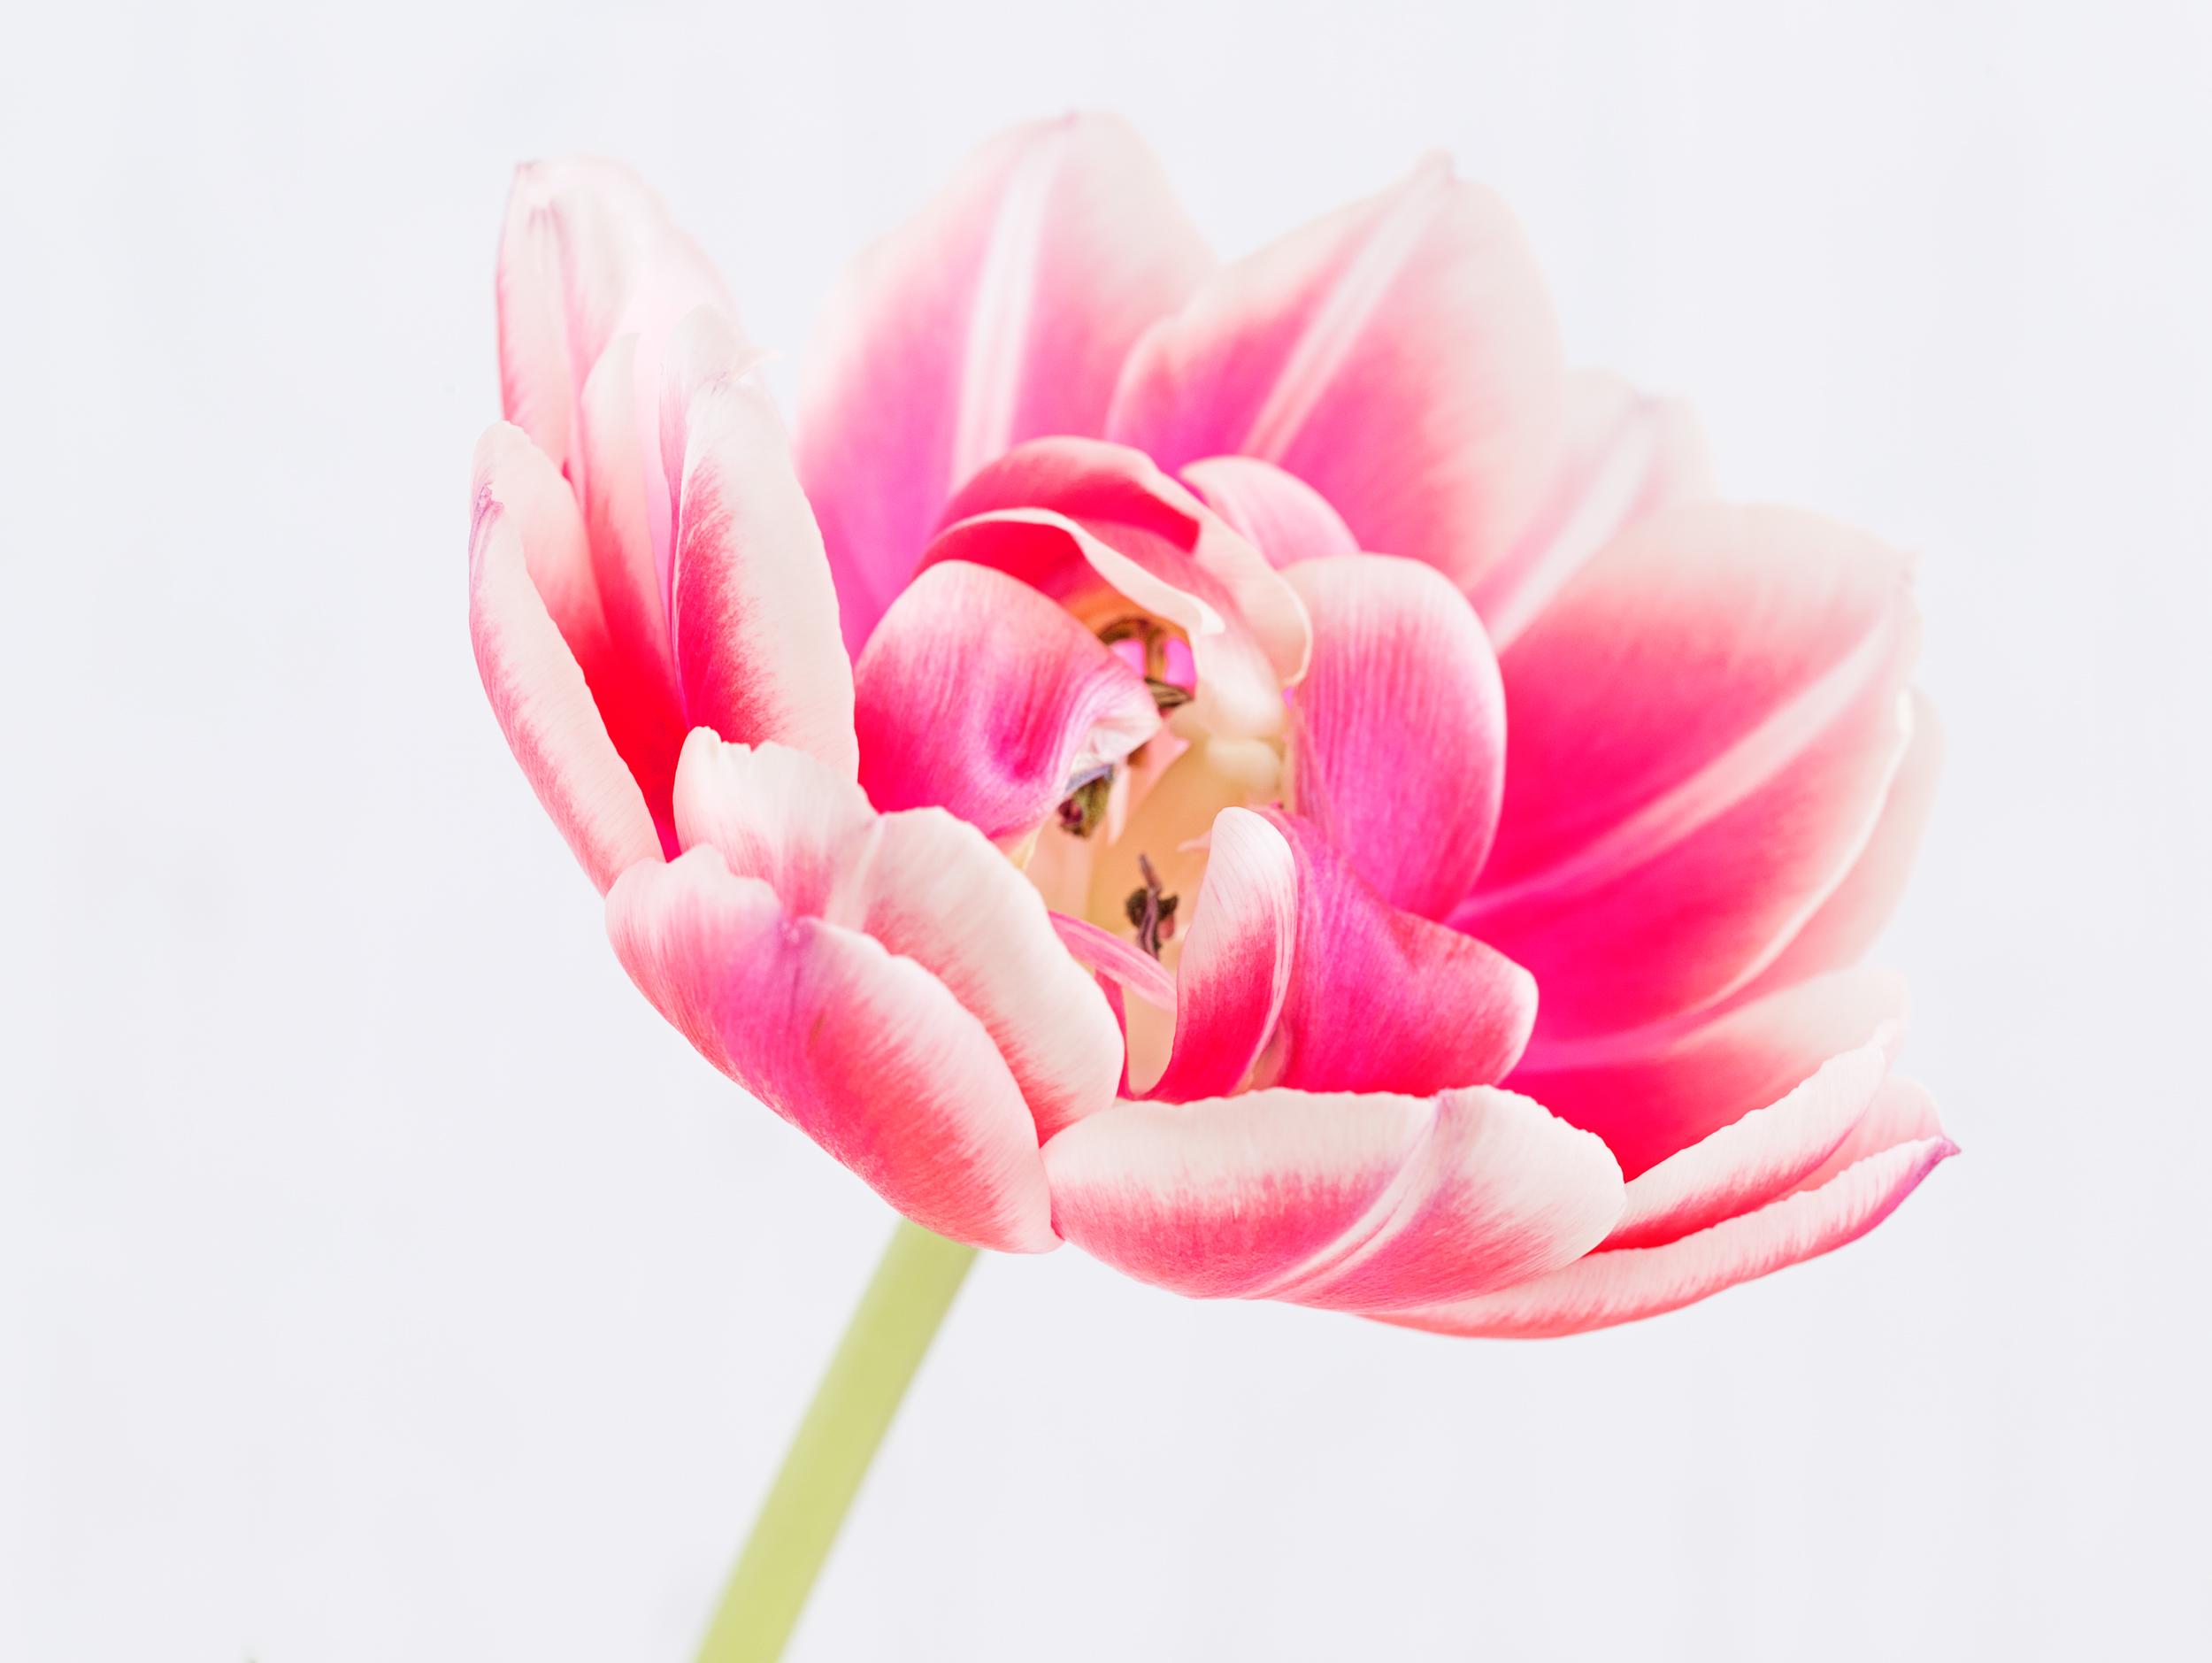 Tulip_MG_7194.jpg